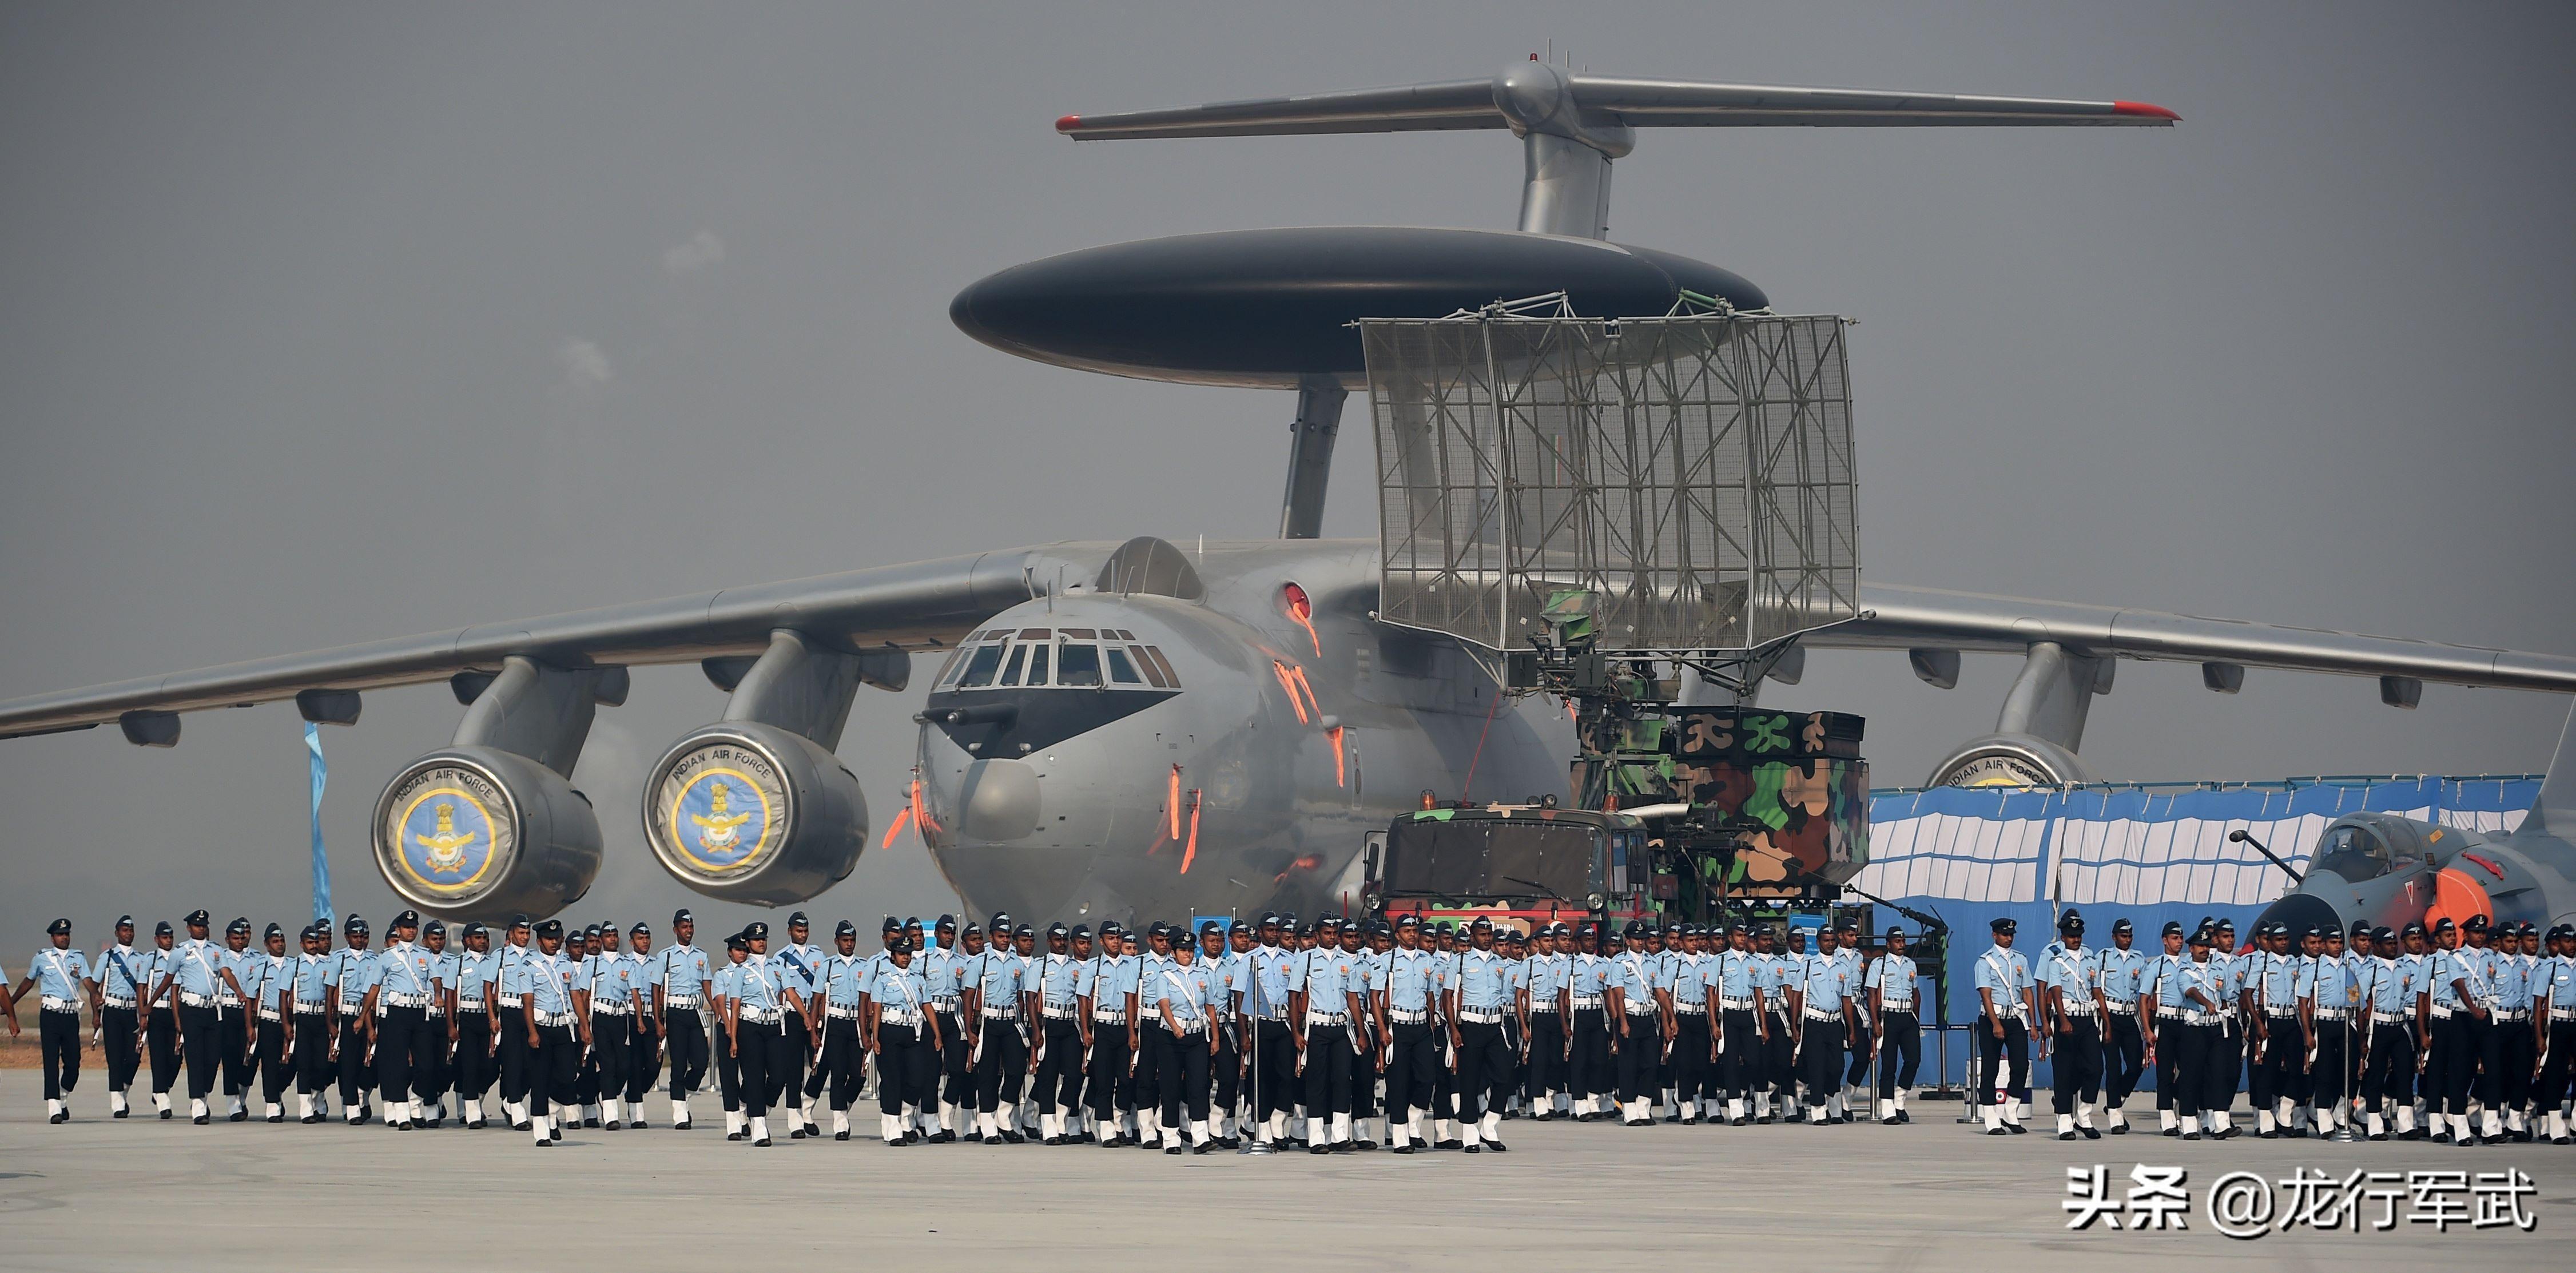 以色列再次取消哈比无人机升级合同,给中国提了个醒